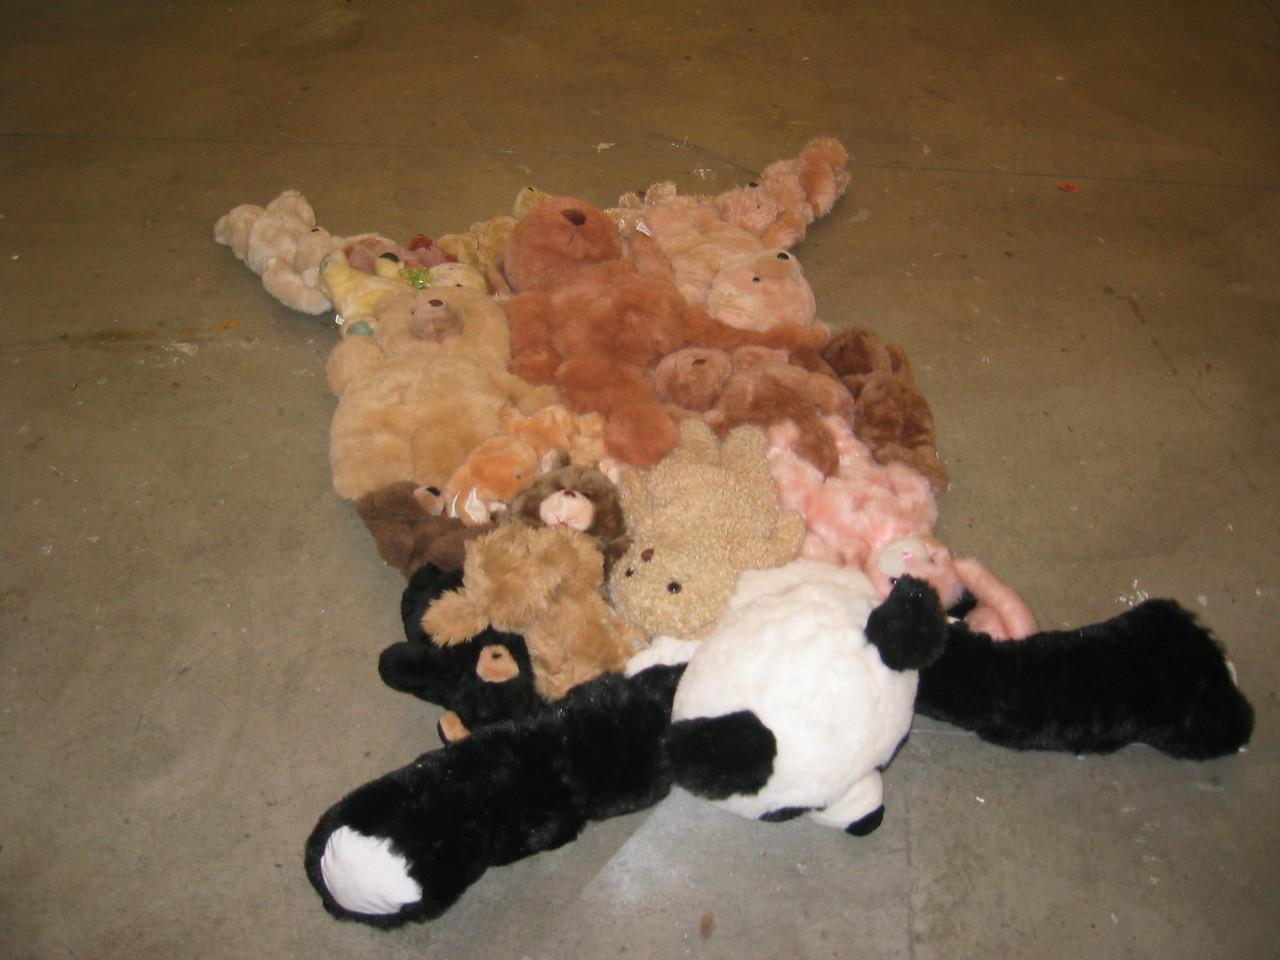 Surgical bear mat